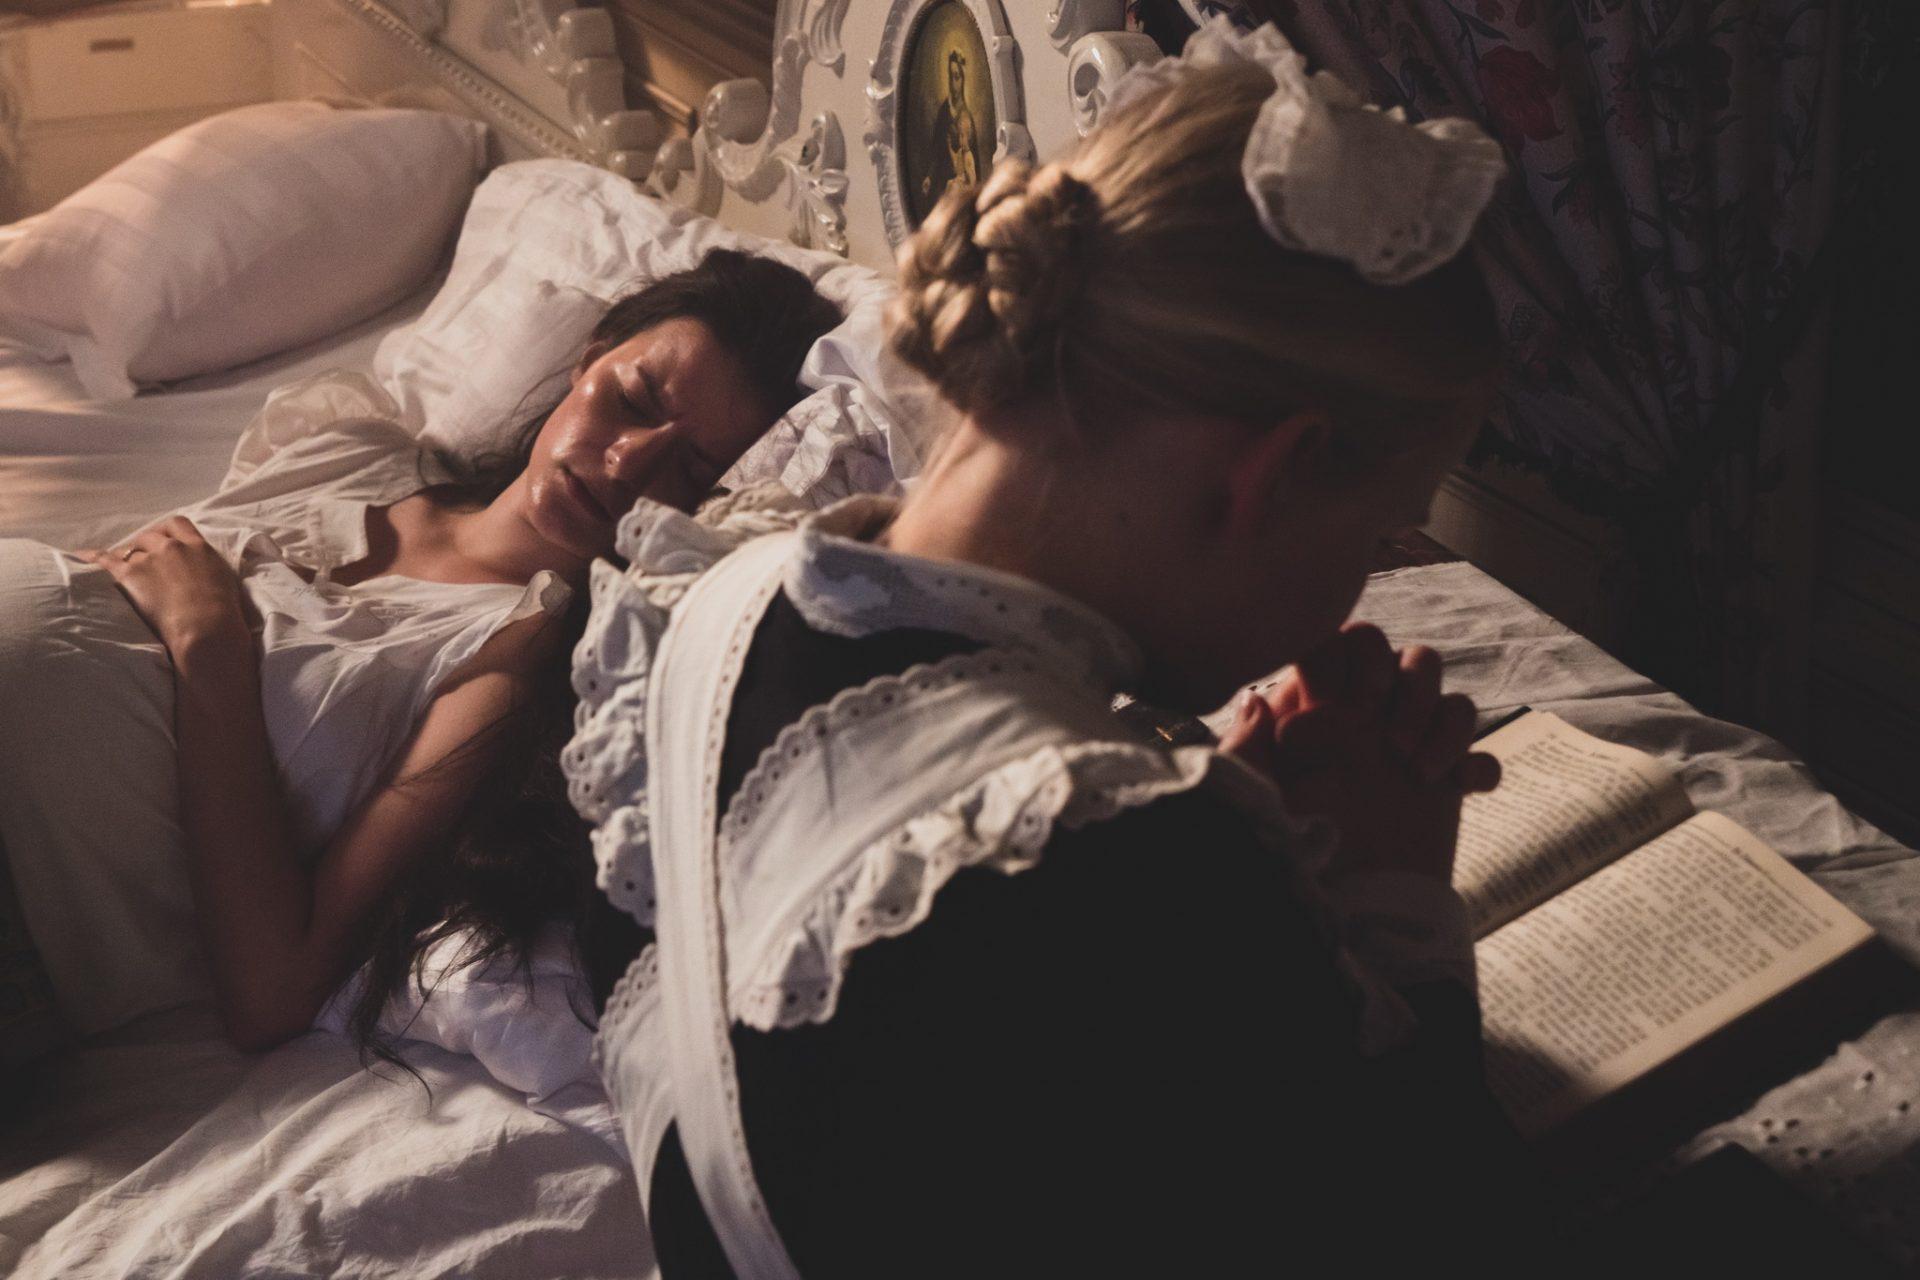 Slúžka The Chambermaid